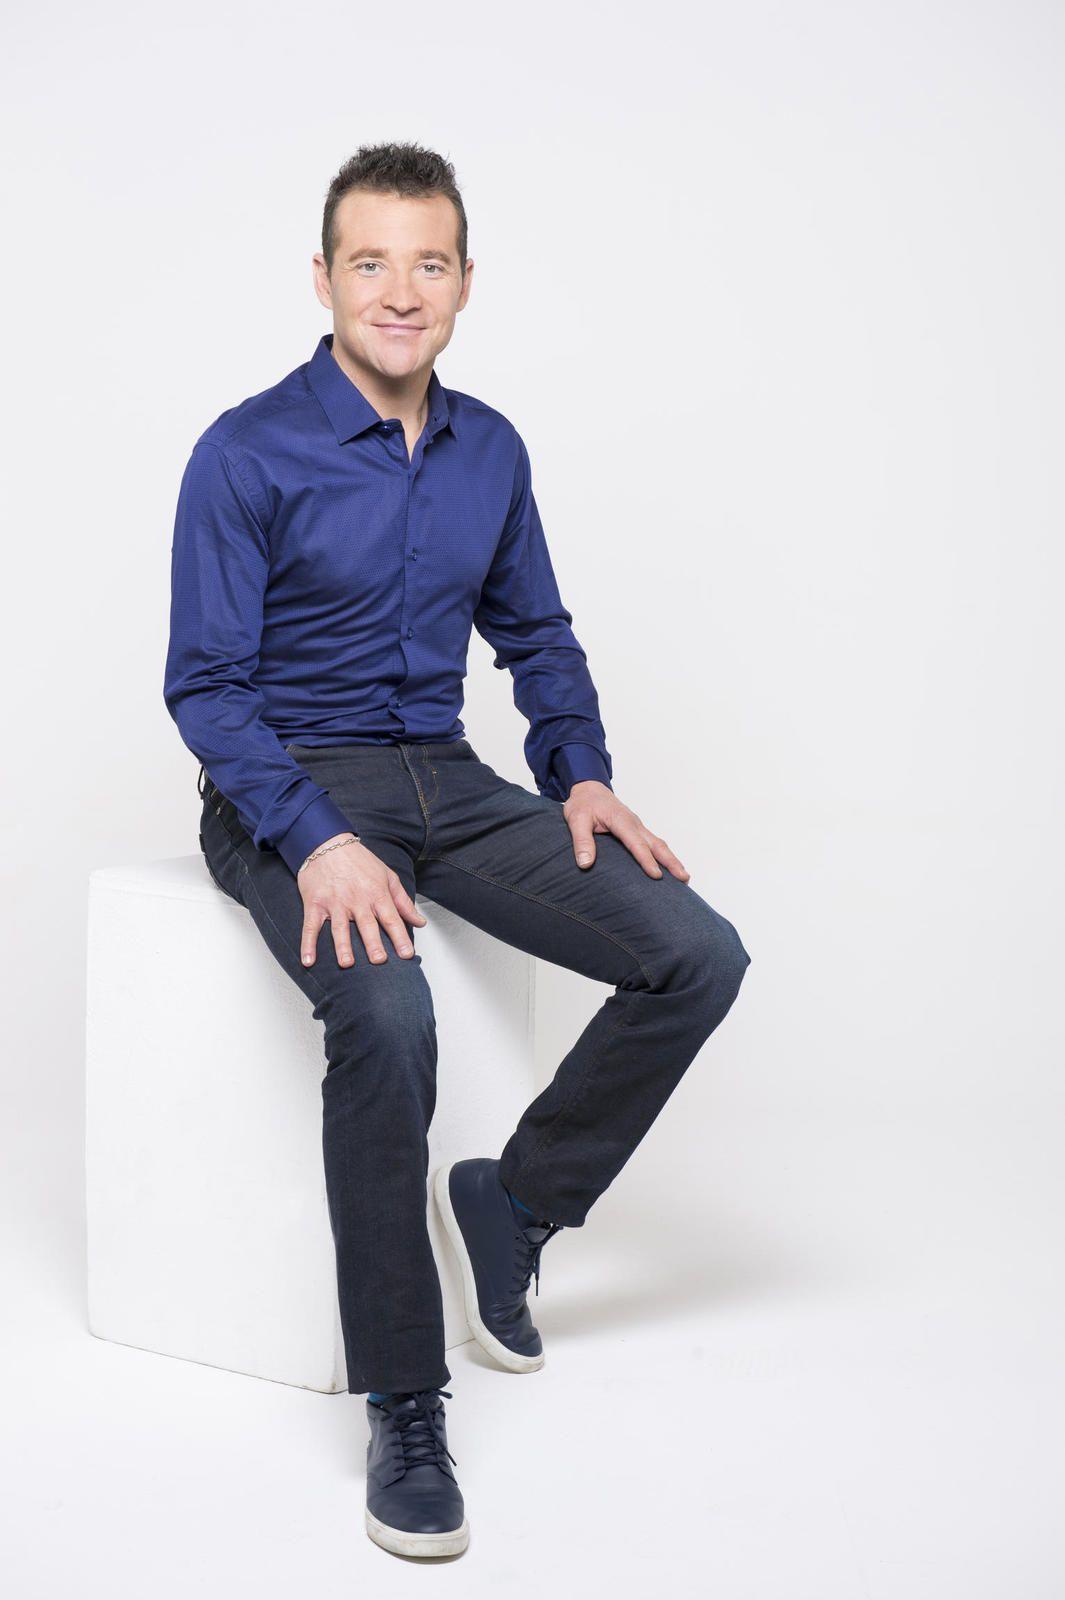 Thomas Voeckler devient consultant pour la chaîne L'Équipe, tout en poursuivant sa collaboration avec France Télévisions.